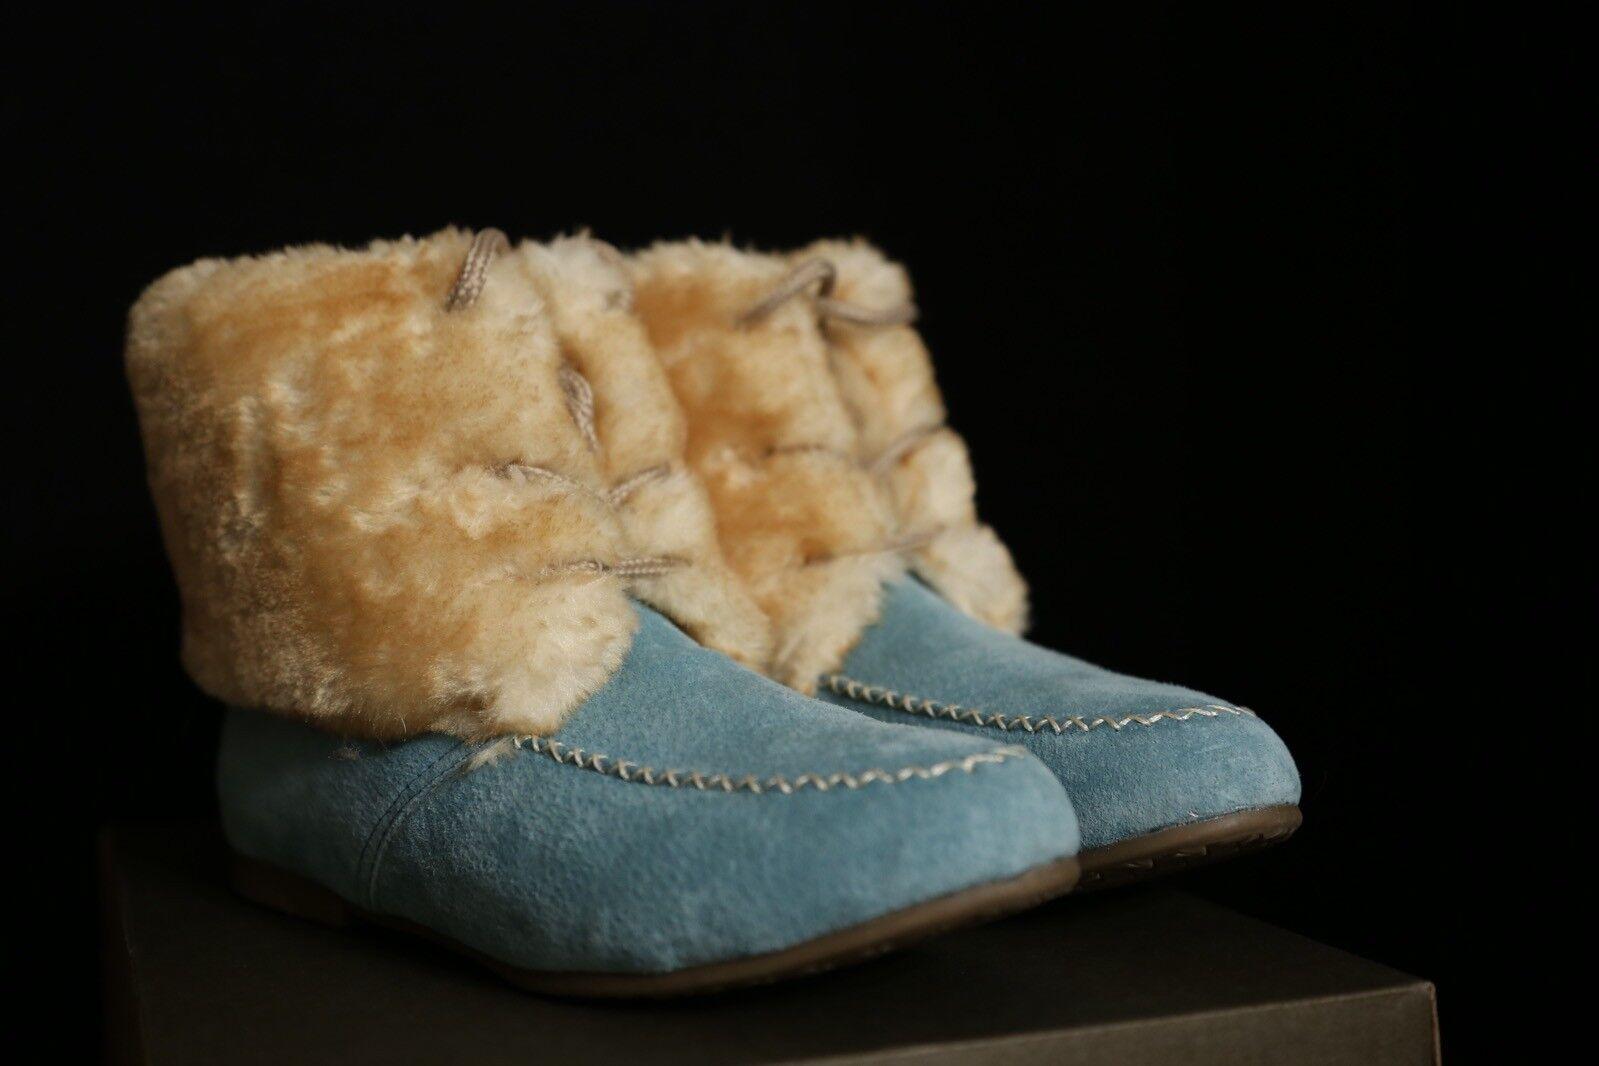 Calzado de Cordero Azul Azul Azul botas De Gamuza Con Piel Sintética Talla 6 Nuevo En Caja  tienda en linea